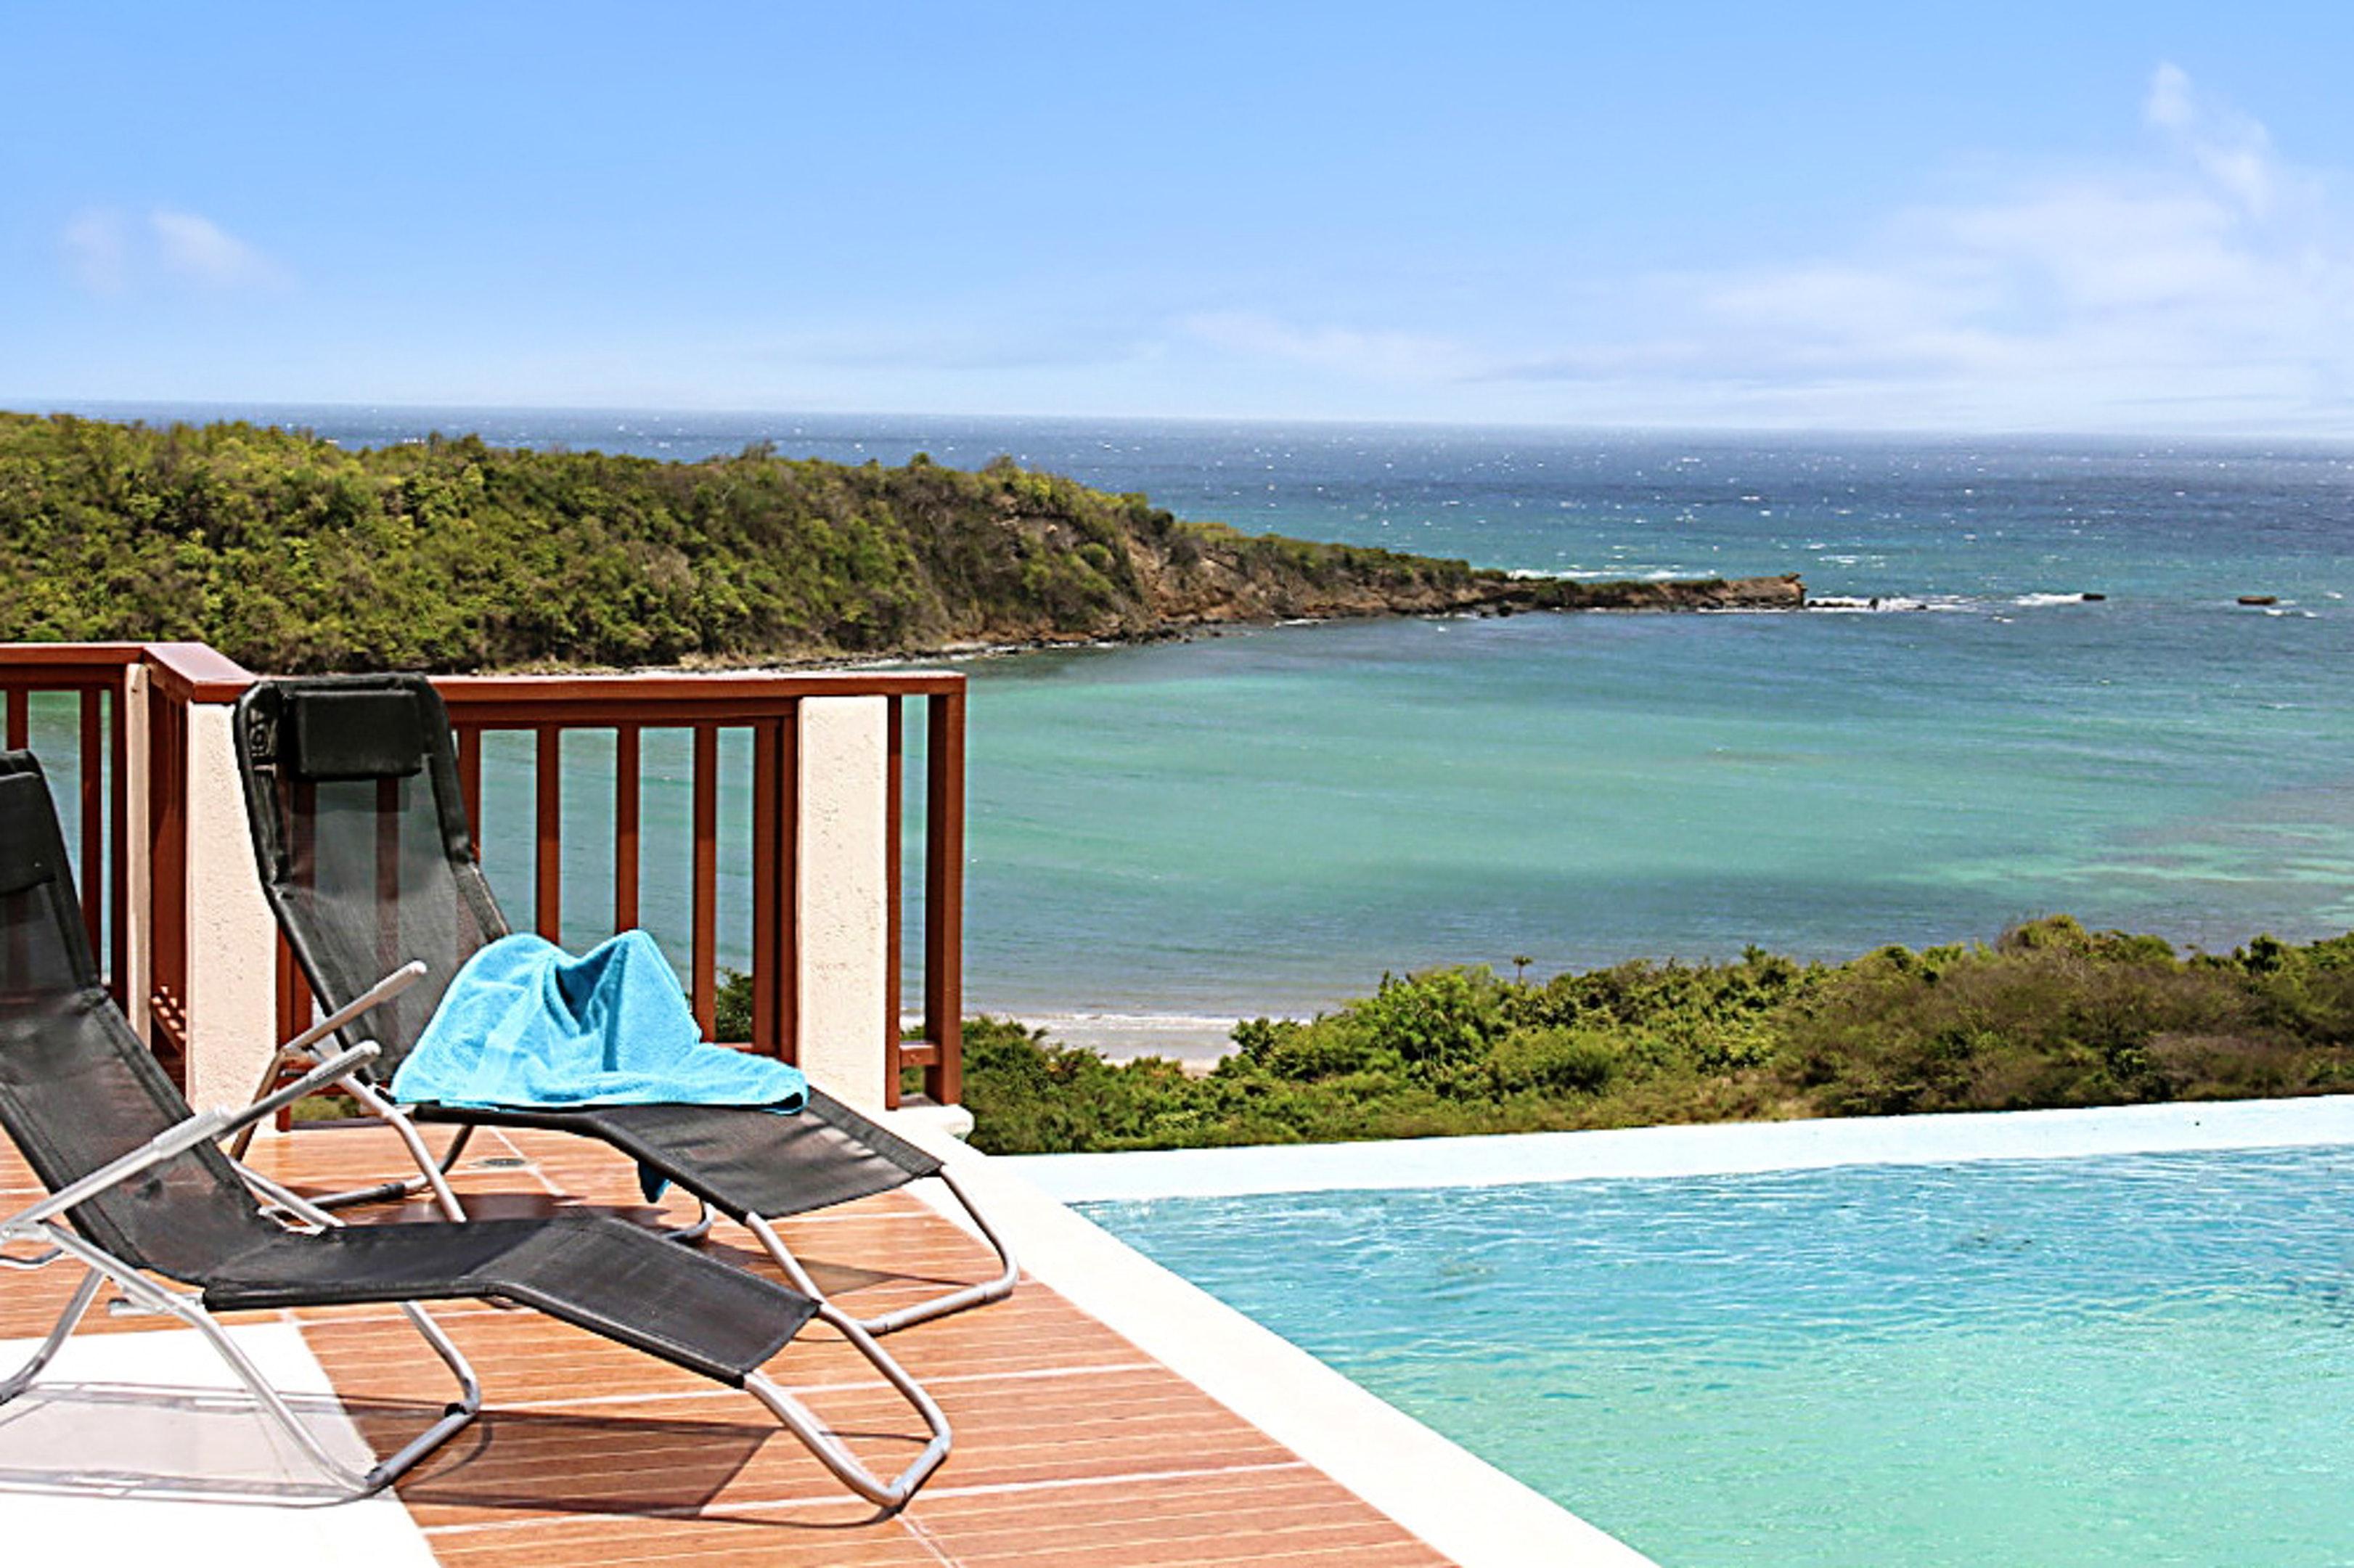 Villa mit 5 Schlafzimmern in St Davids, Grenada mi Villa in Mittelamerika und Karibik